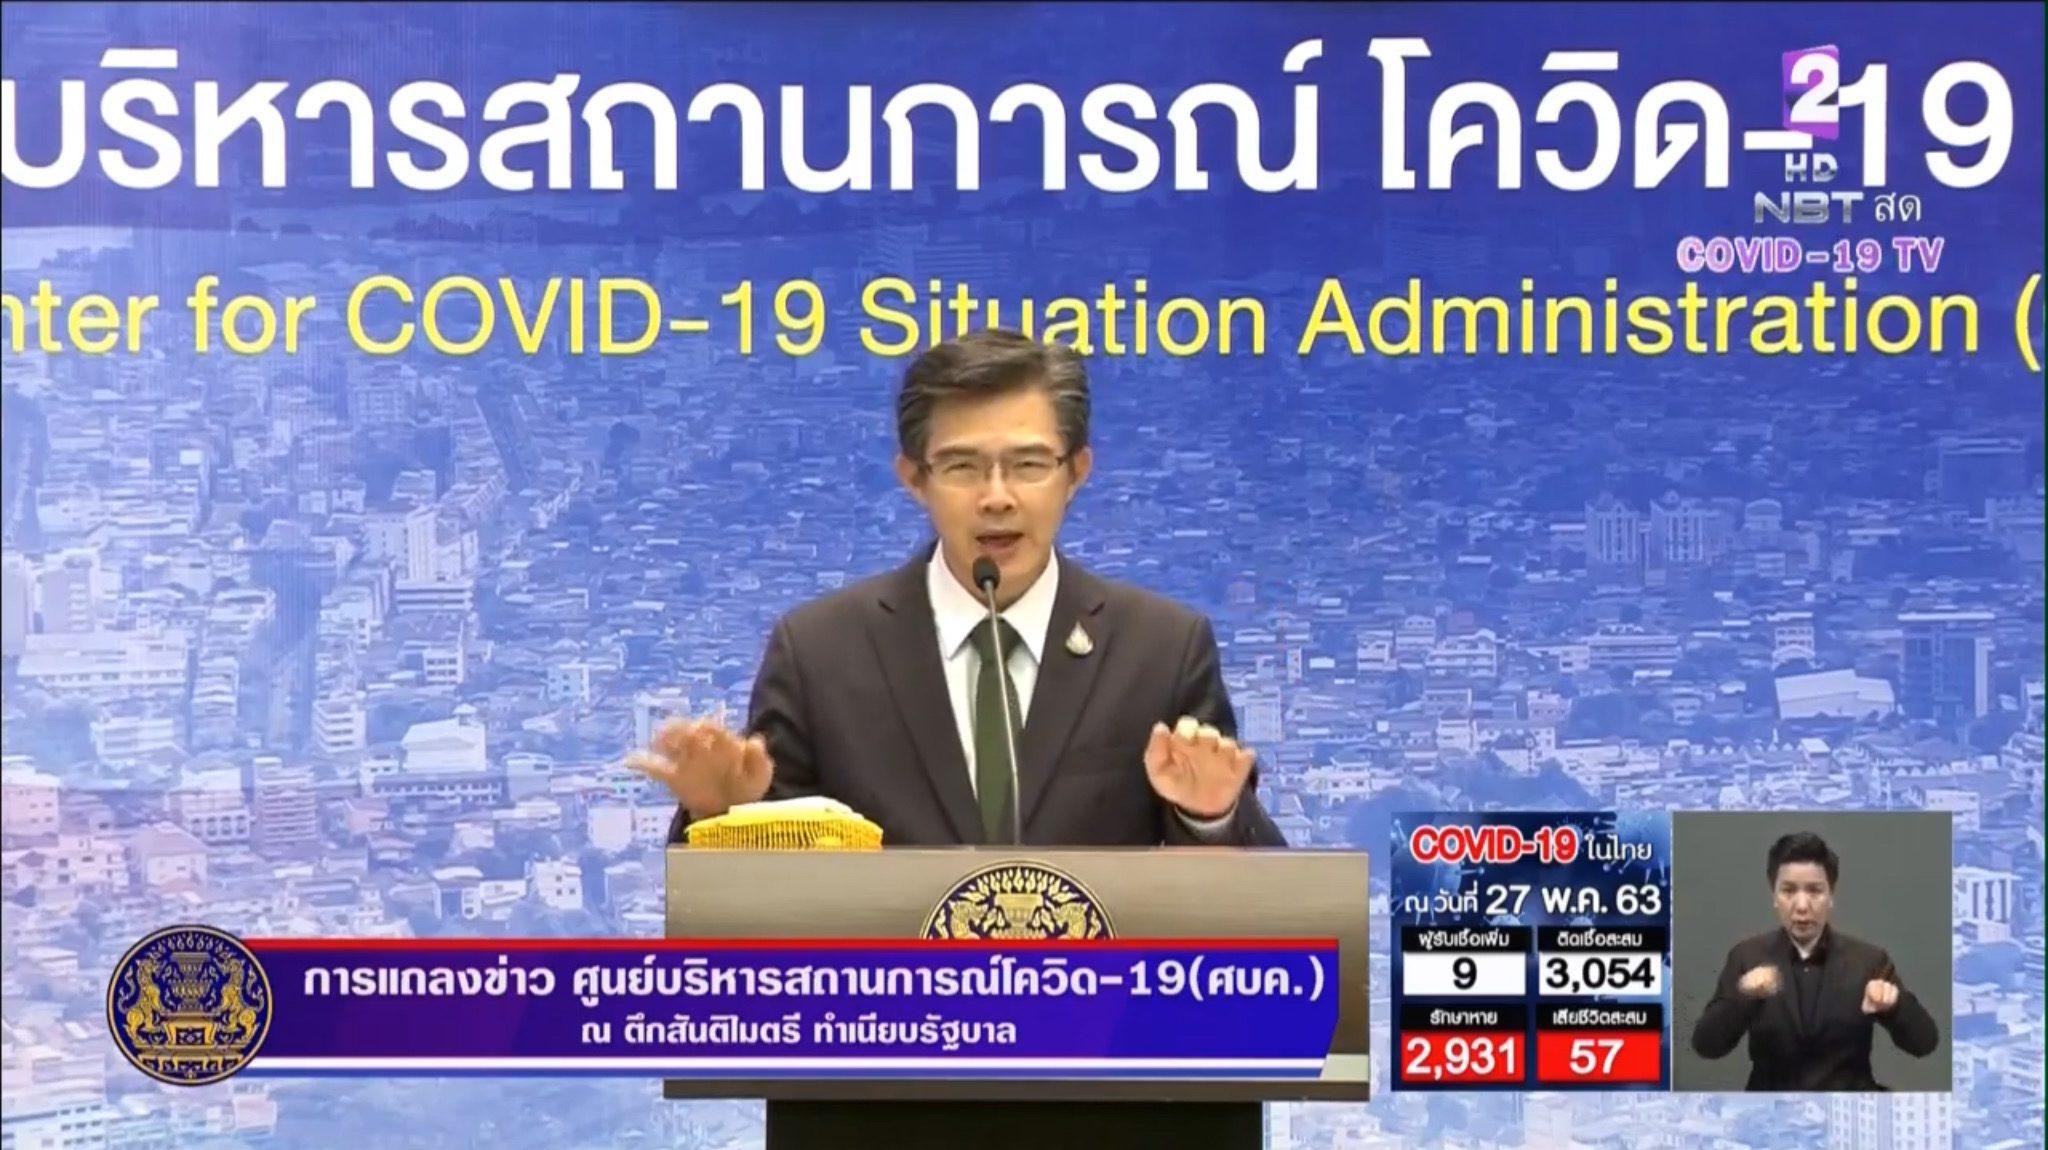 """""""โฆษก ศบค."""" เผยข่าวการระบาด 4 ประเทศนอก ย้ำ ไม่ได้ขู่คนไทย แต่ต้องการให้เรียนรู้ร่วมกัน"""